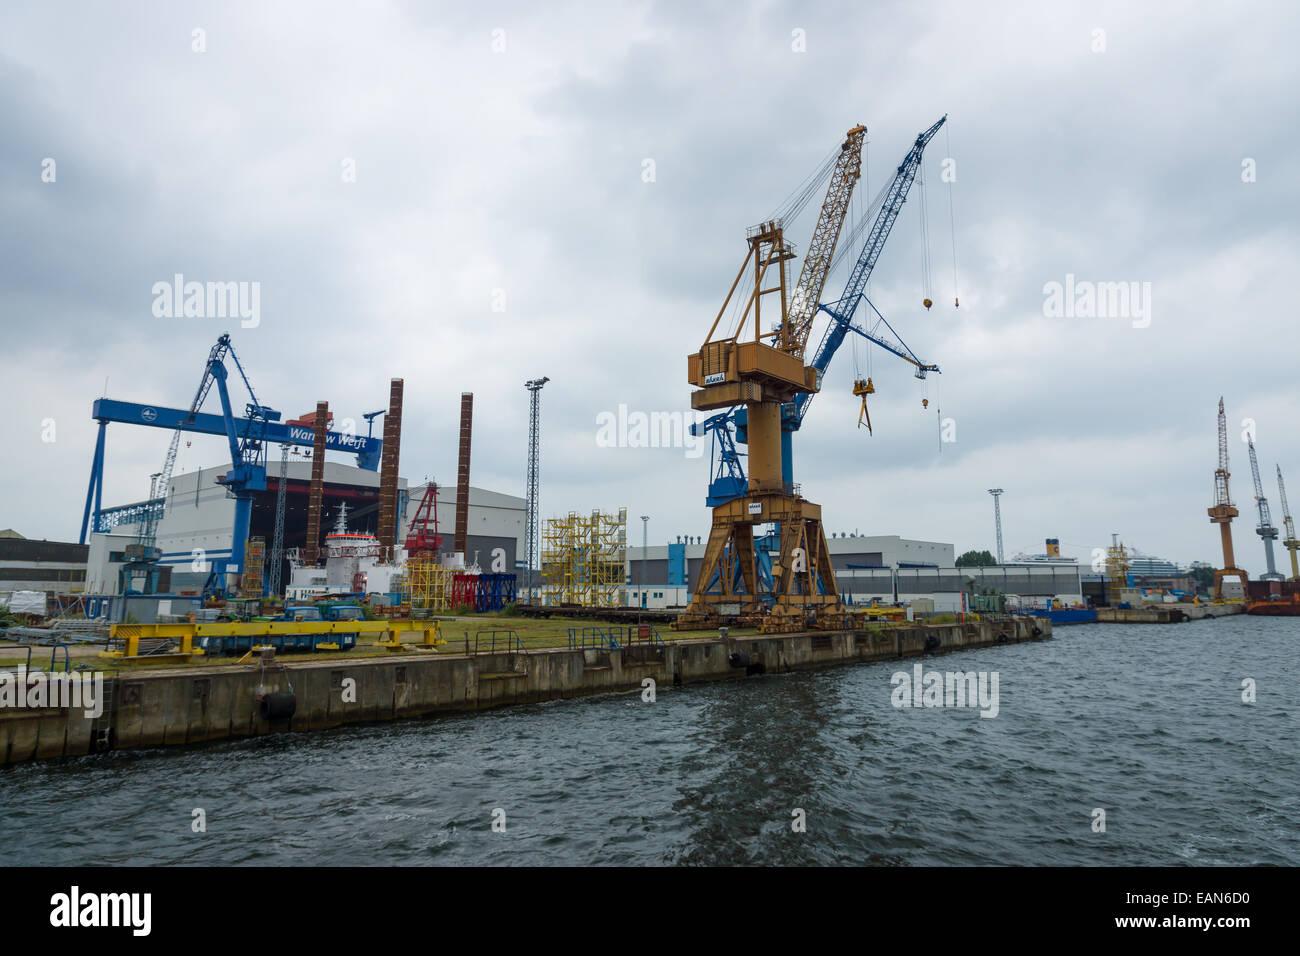 Bauunternehmen Rostock warnow werft ist ein deutscher schiffbauunternehmen die größte